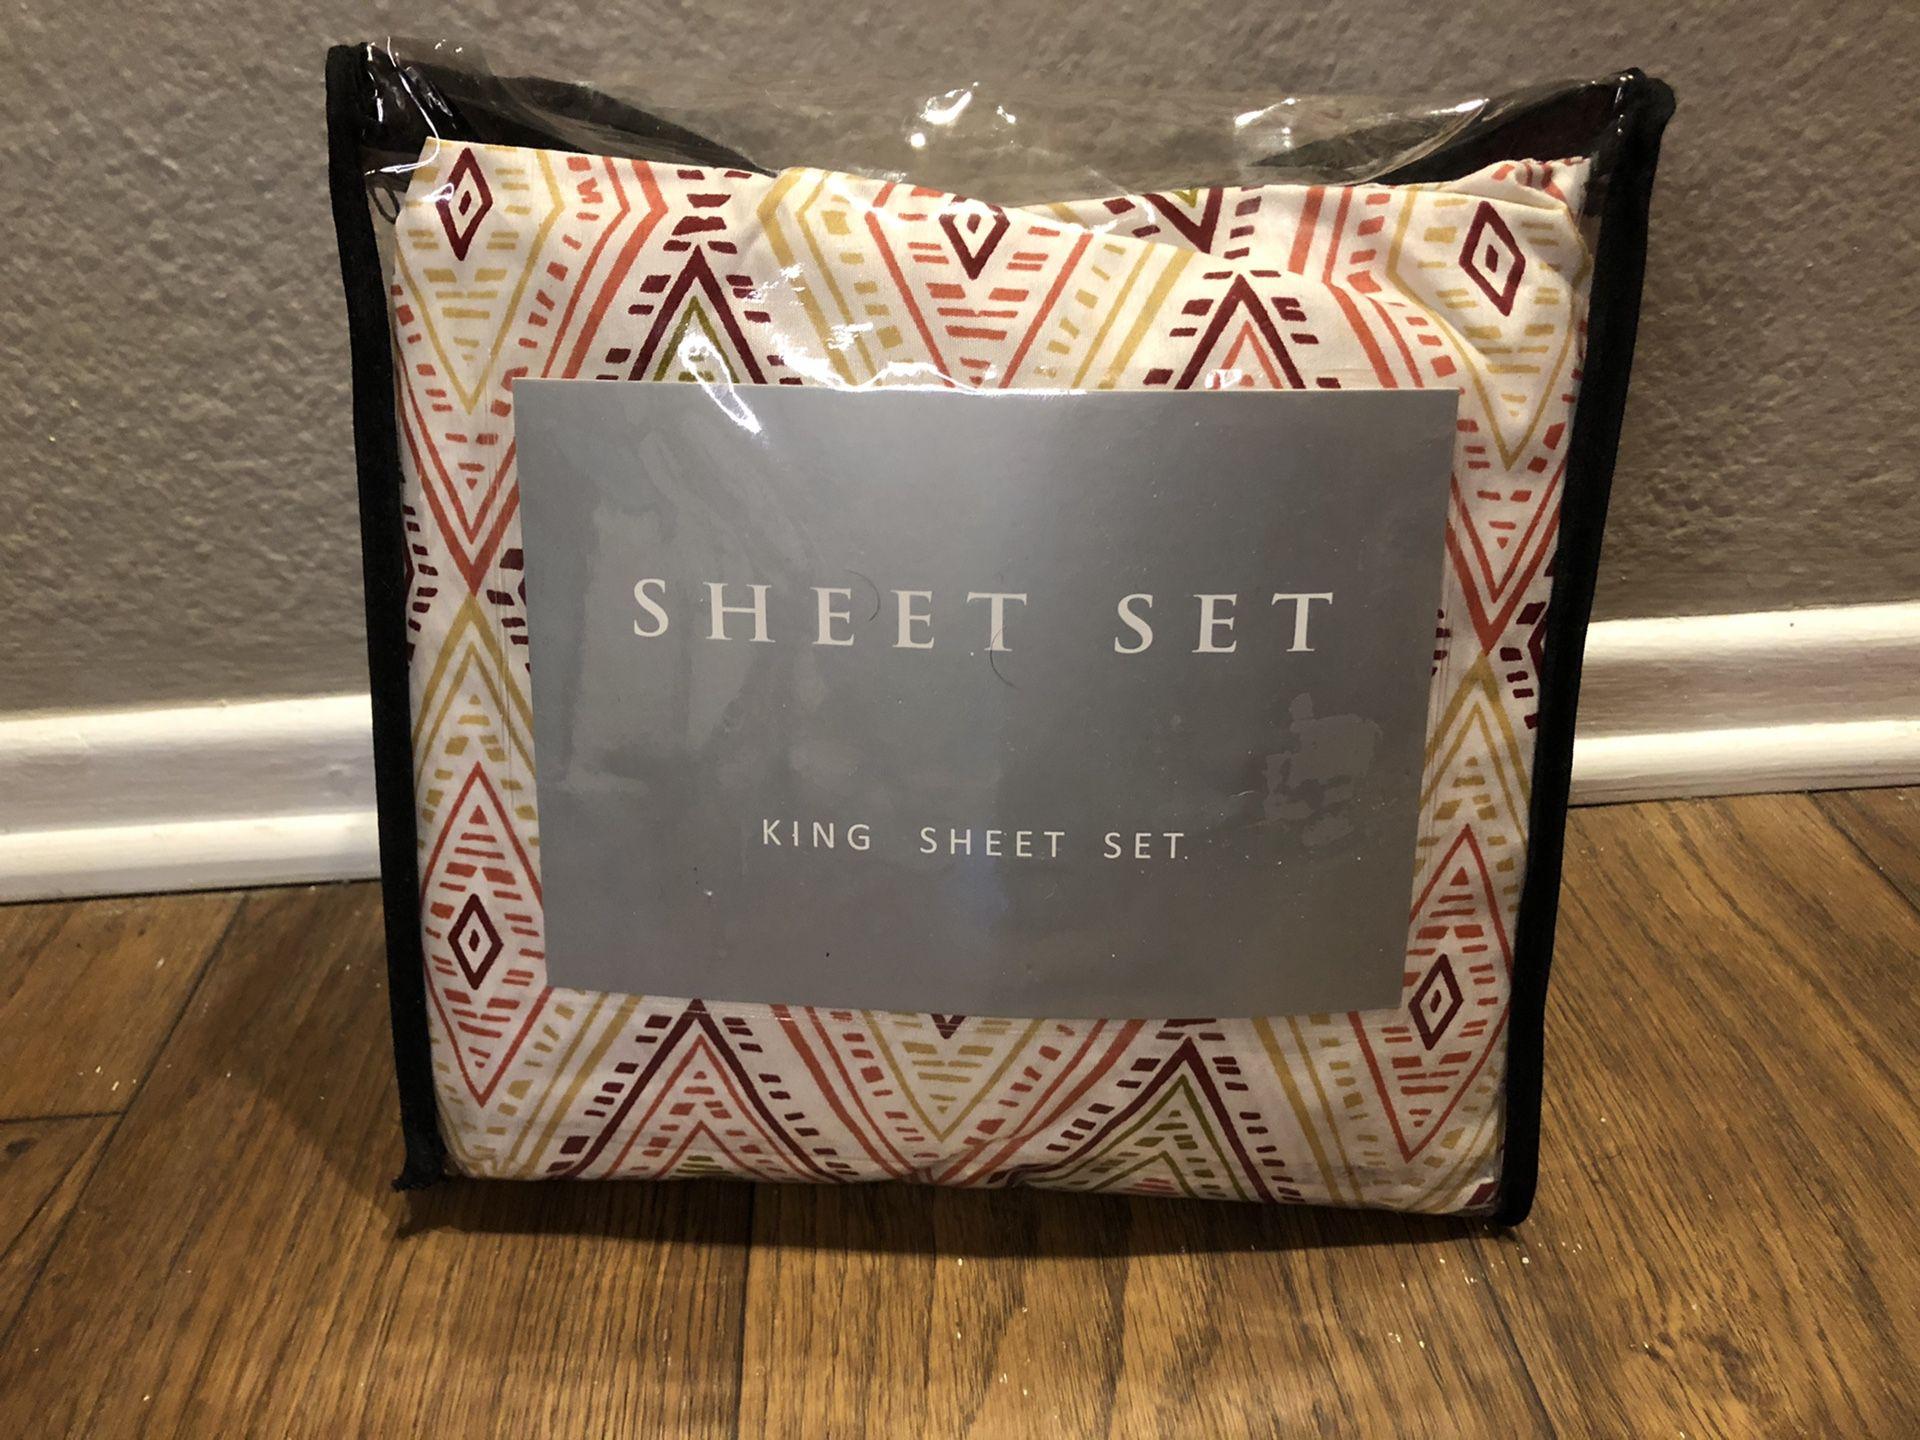 King Sheet set